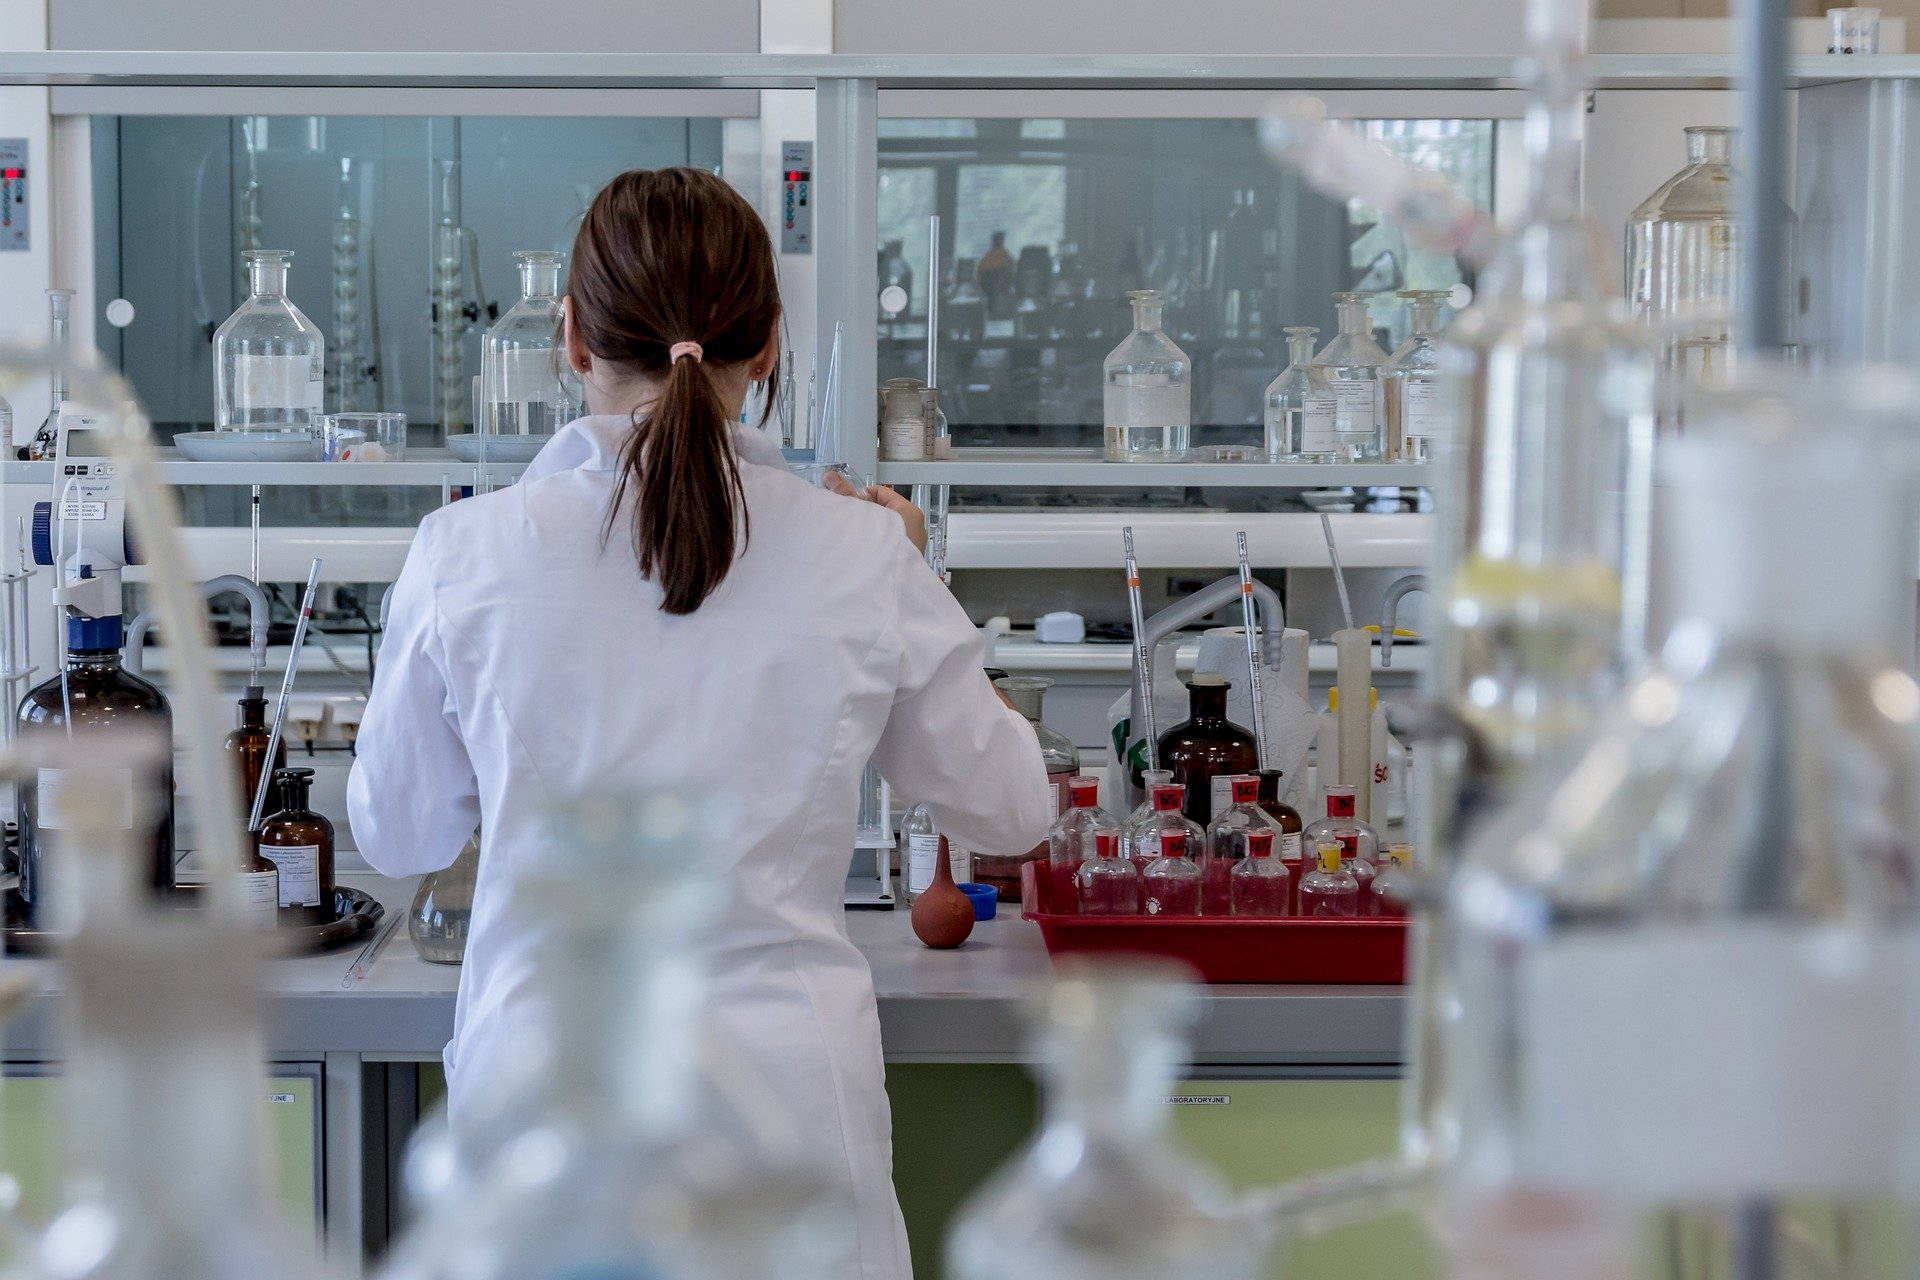 batterio diagnosi , ricerca medica , laboratorio